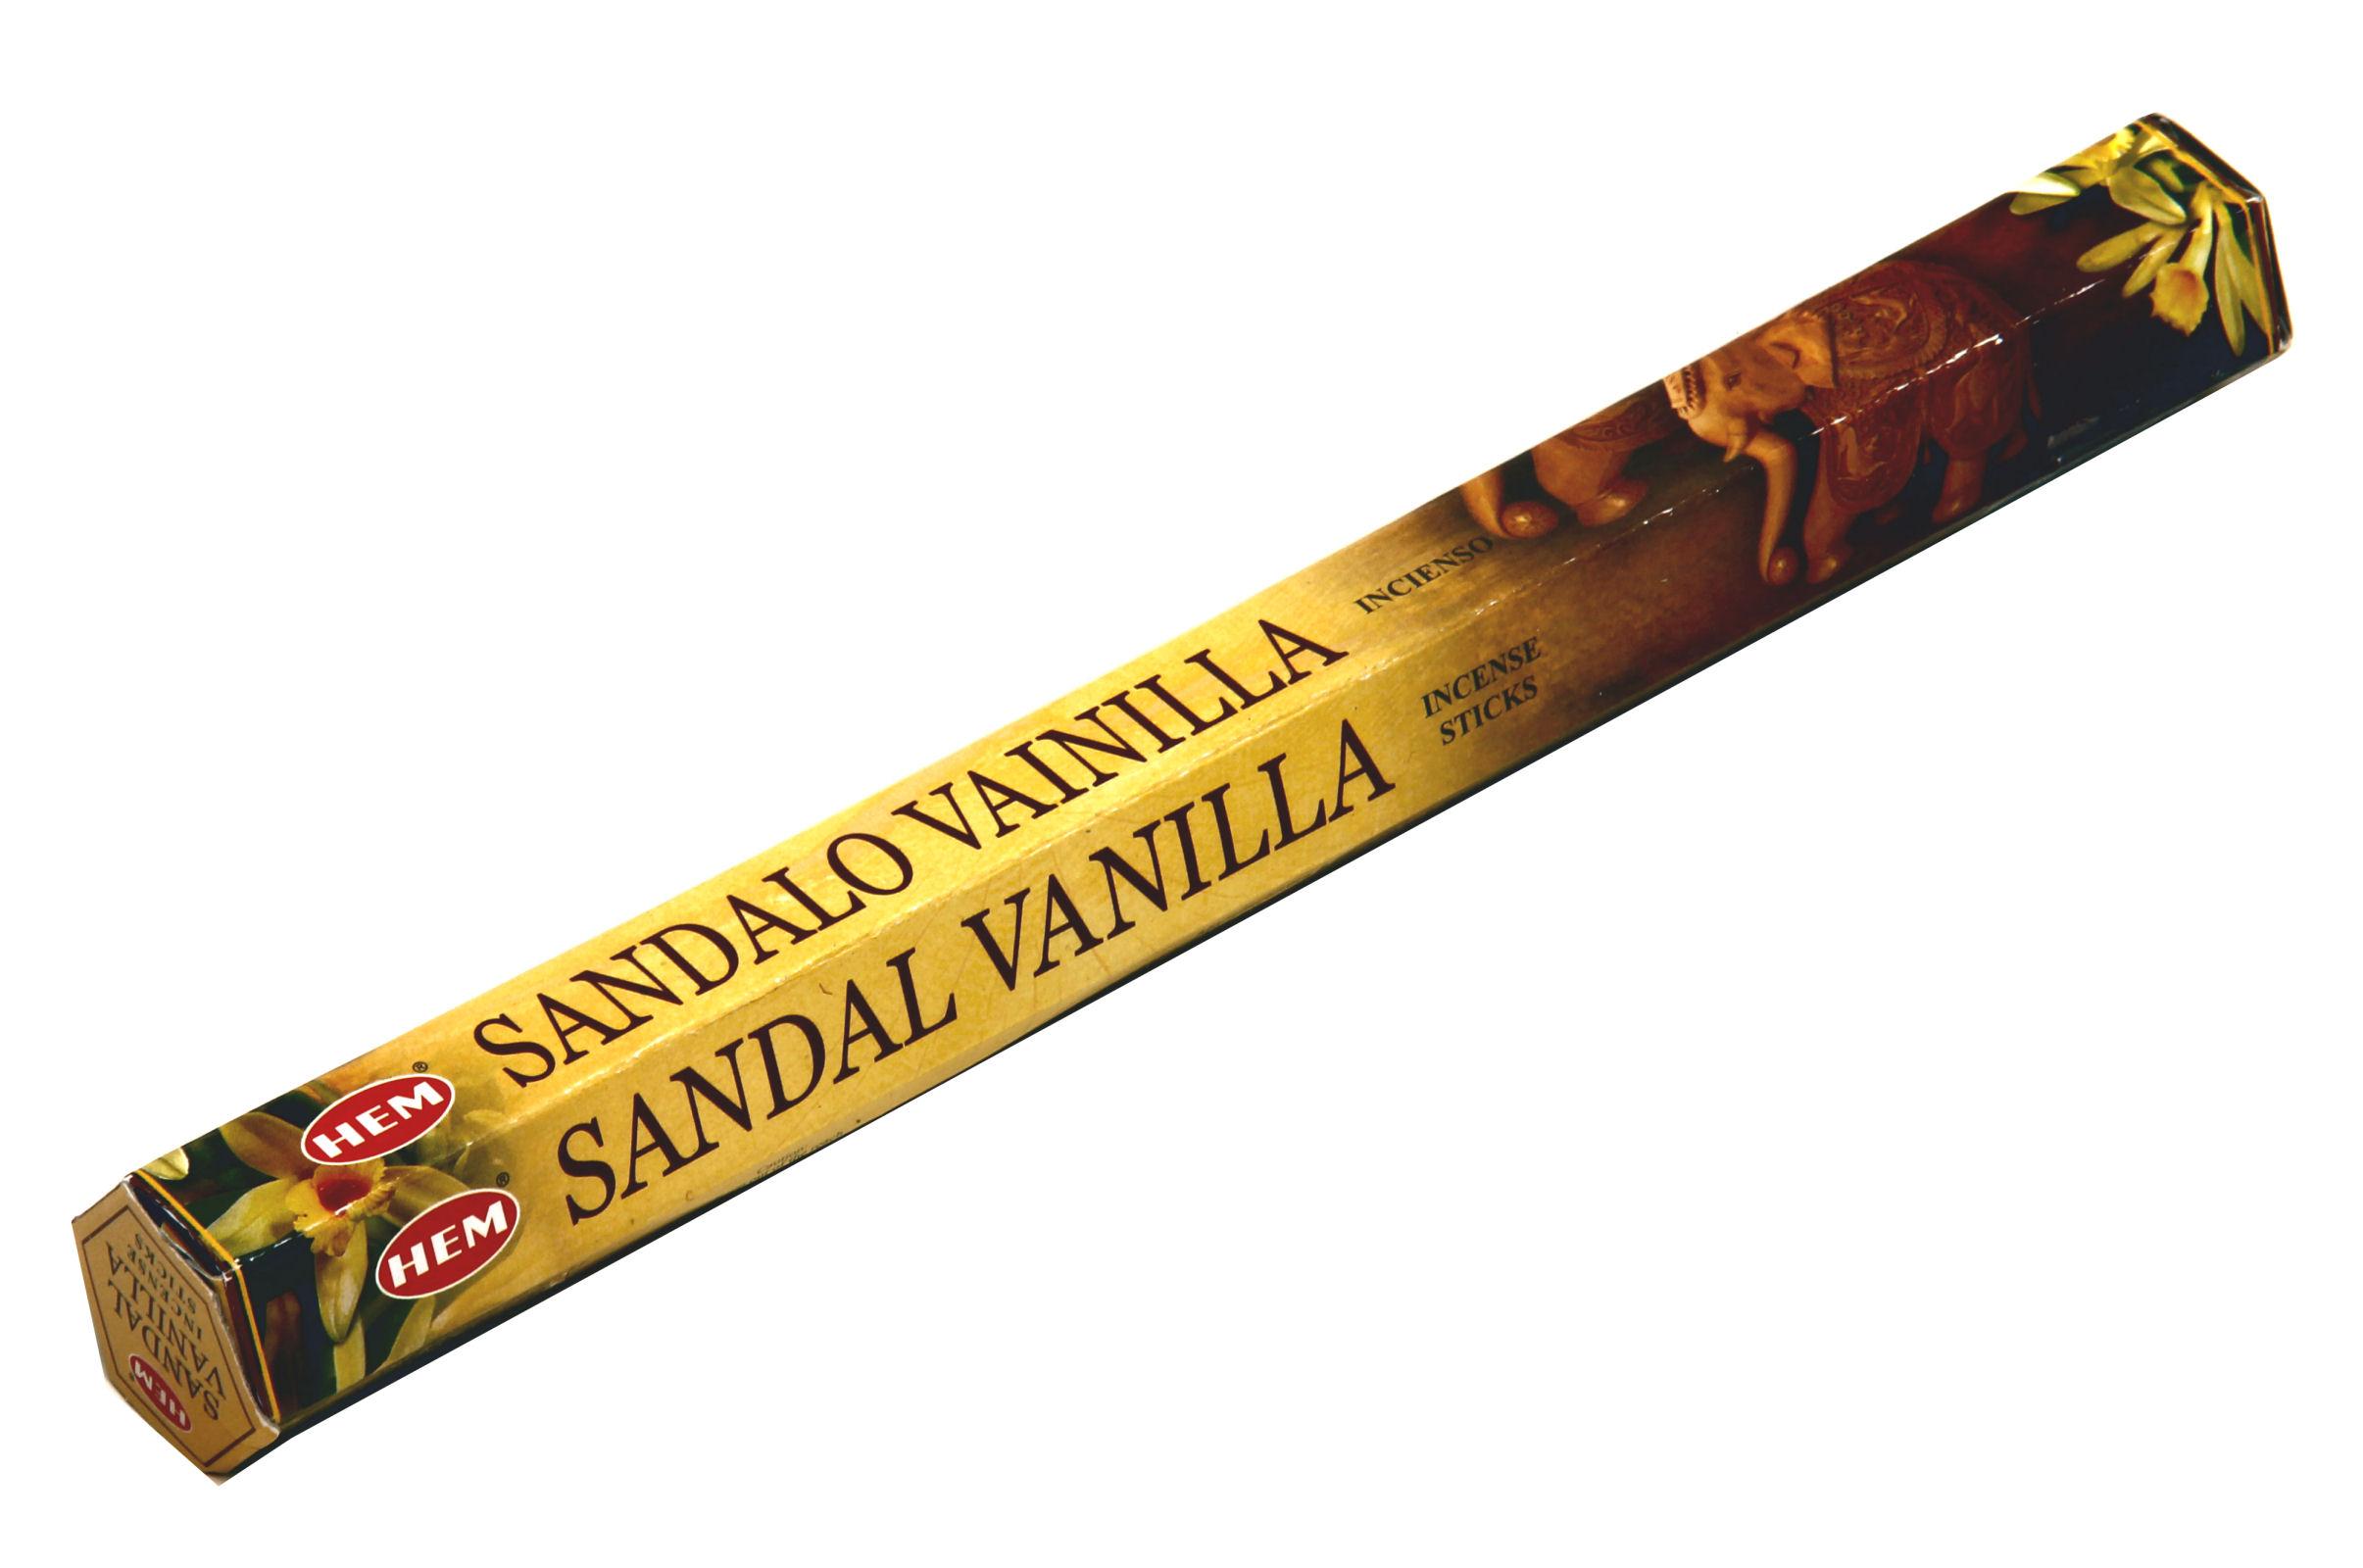 HEM Räucherstäbchen Sandelholz Vanille 20g Hexa Packung  Ca. 20 Incence Sticks